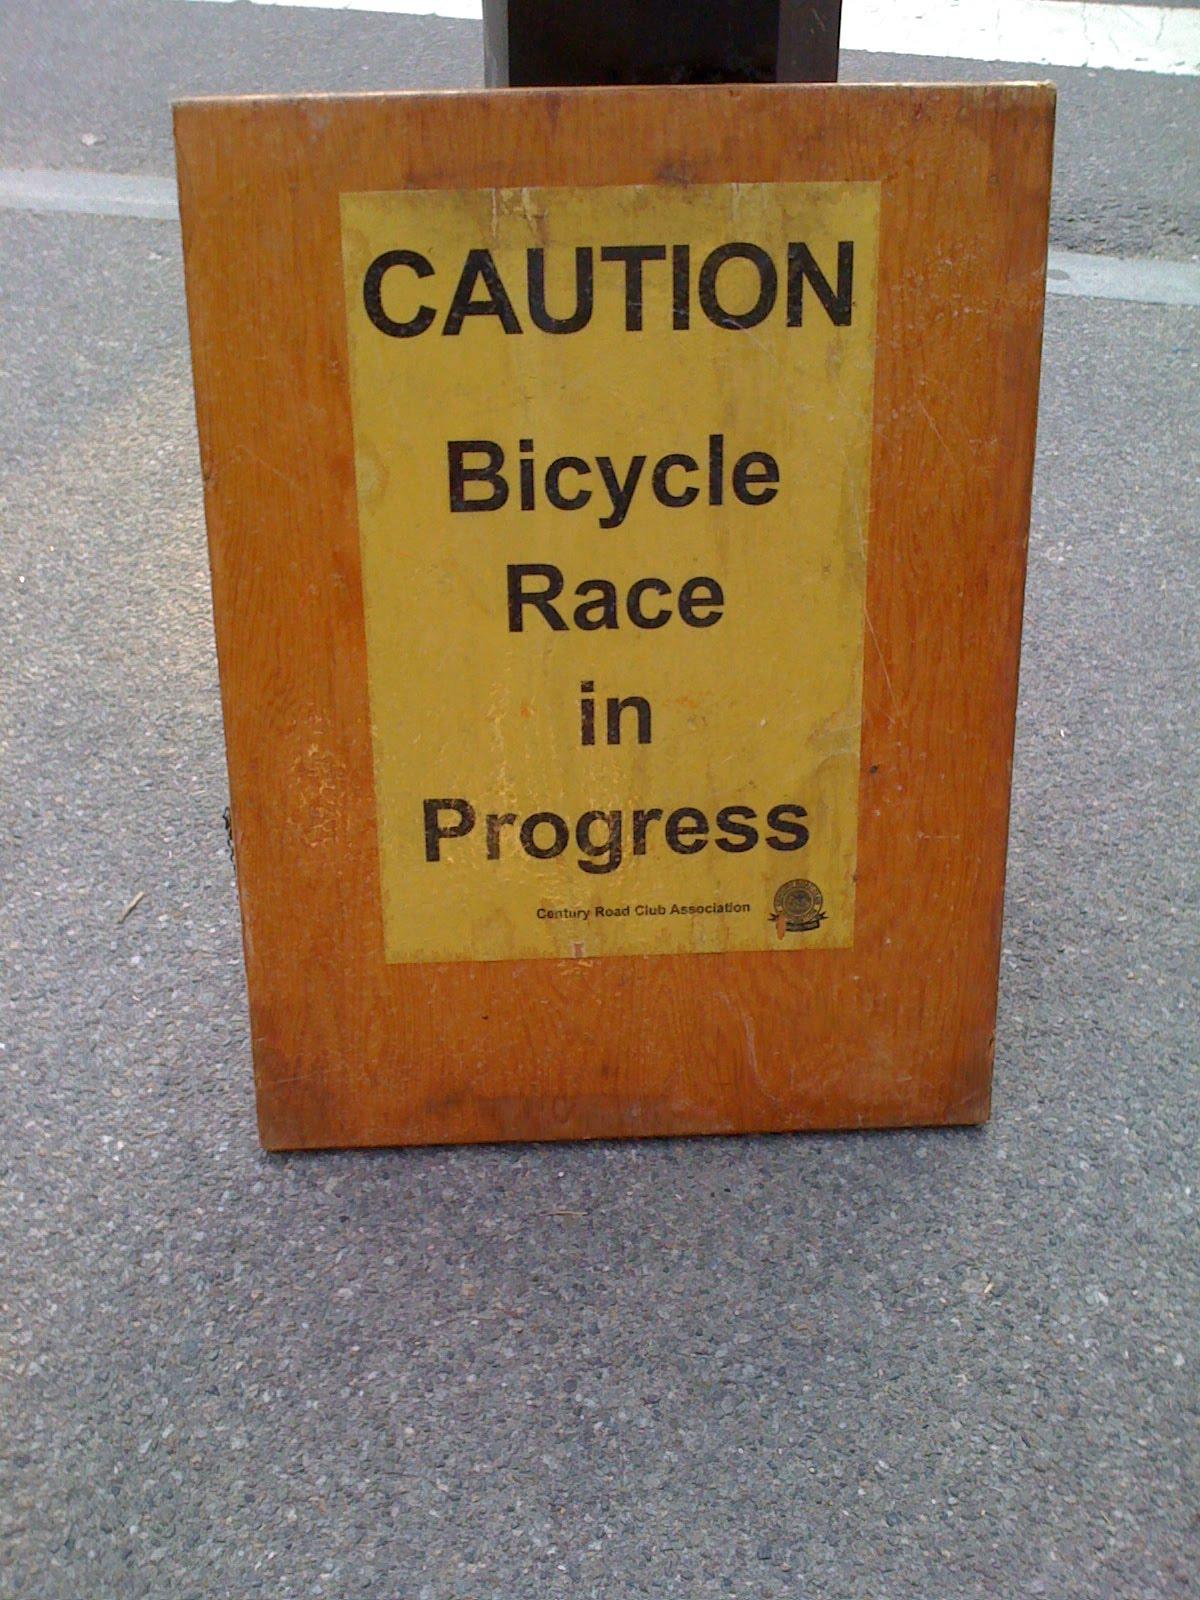 Tire Shops Open On Sunday >> Livin In The Bike Lane: Central Park's Bike Race